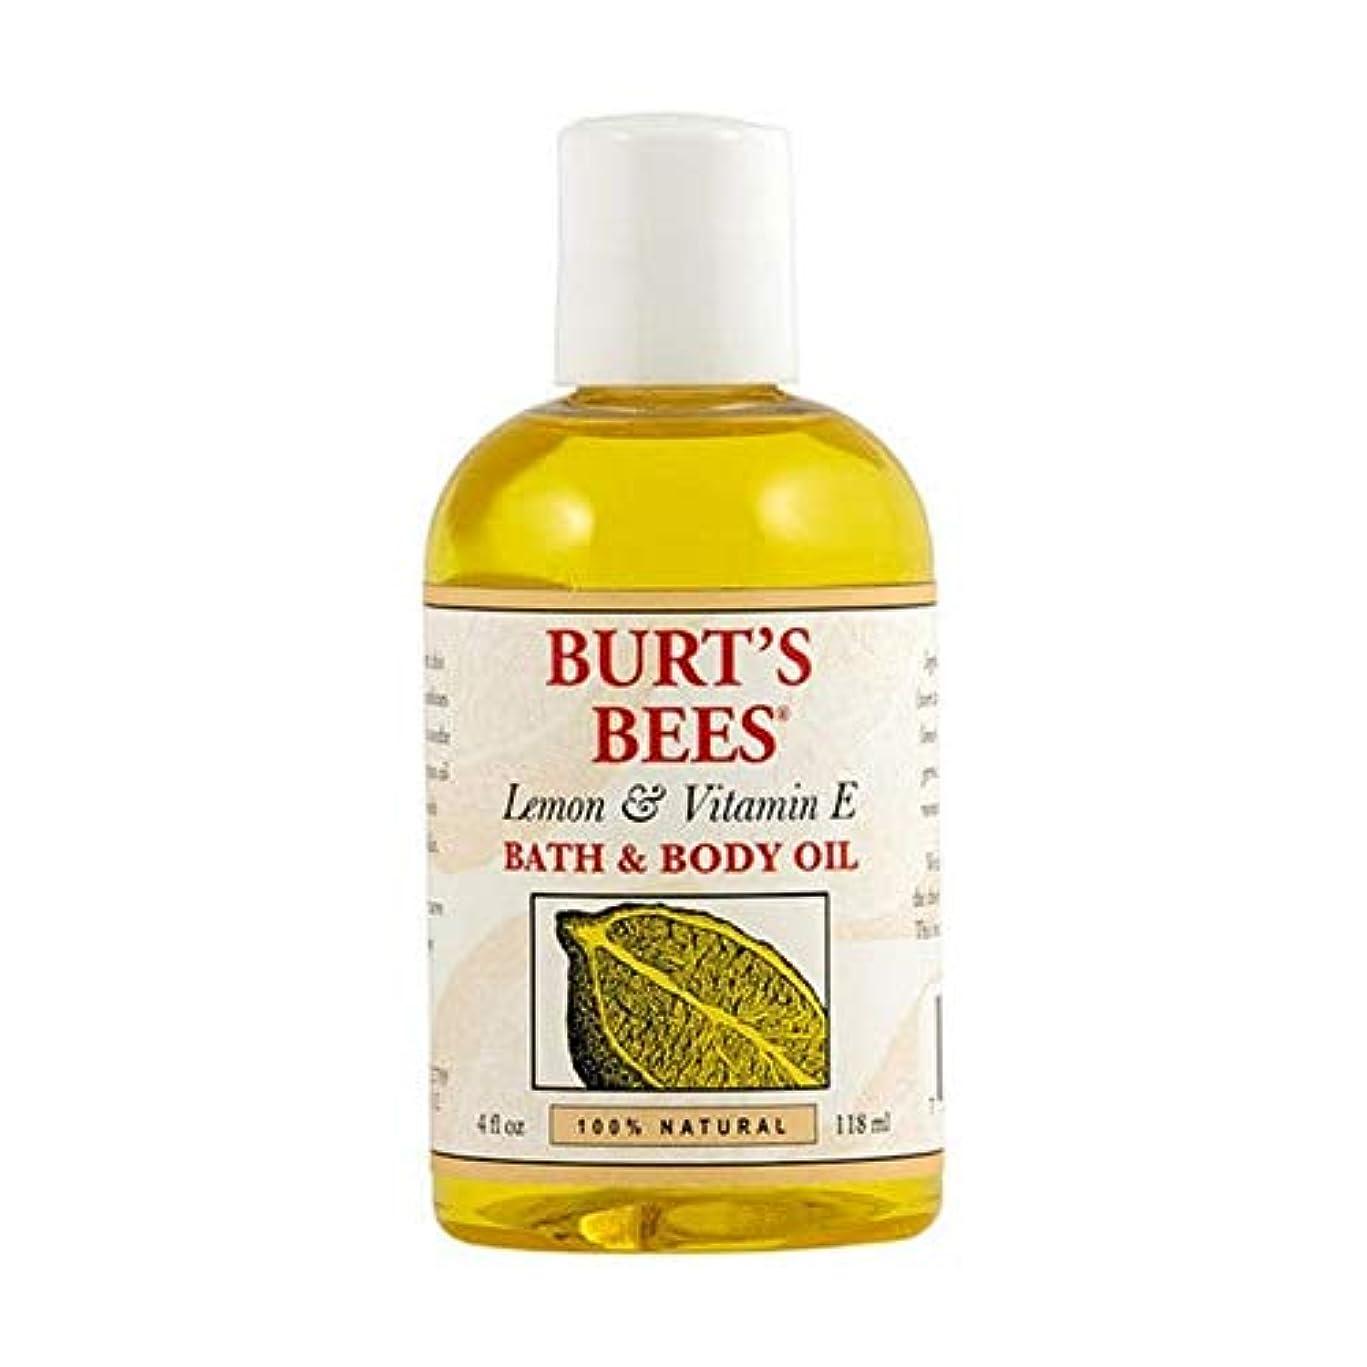 人形クリープ人里離れた[Burt's Bees ] バーツビーレモンとビタミンE体とバスオイル115ミリリットル - Burt's Bees Lemon and Vitamin E Body and Bath Oil 115ml [並行輸入品]